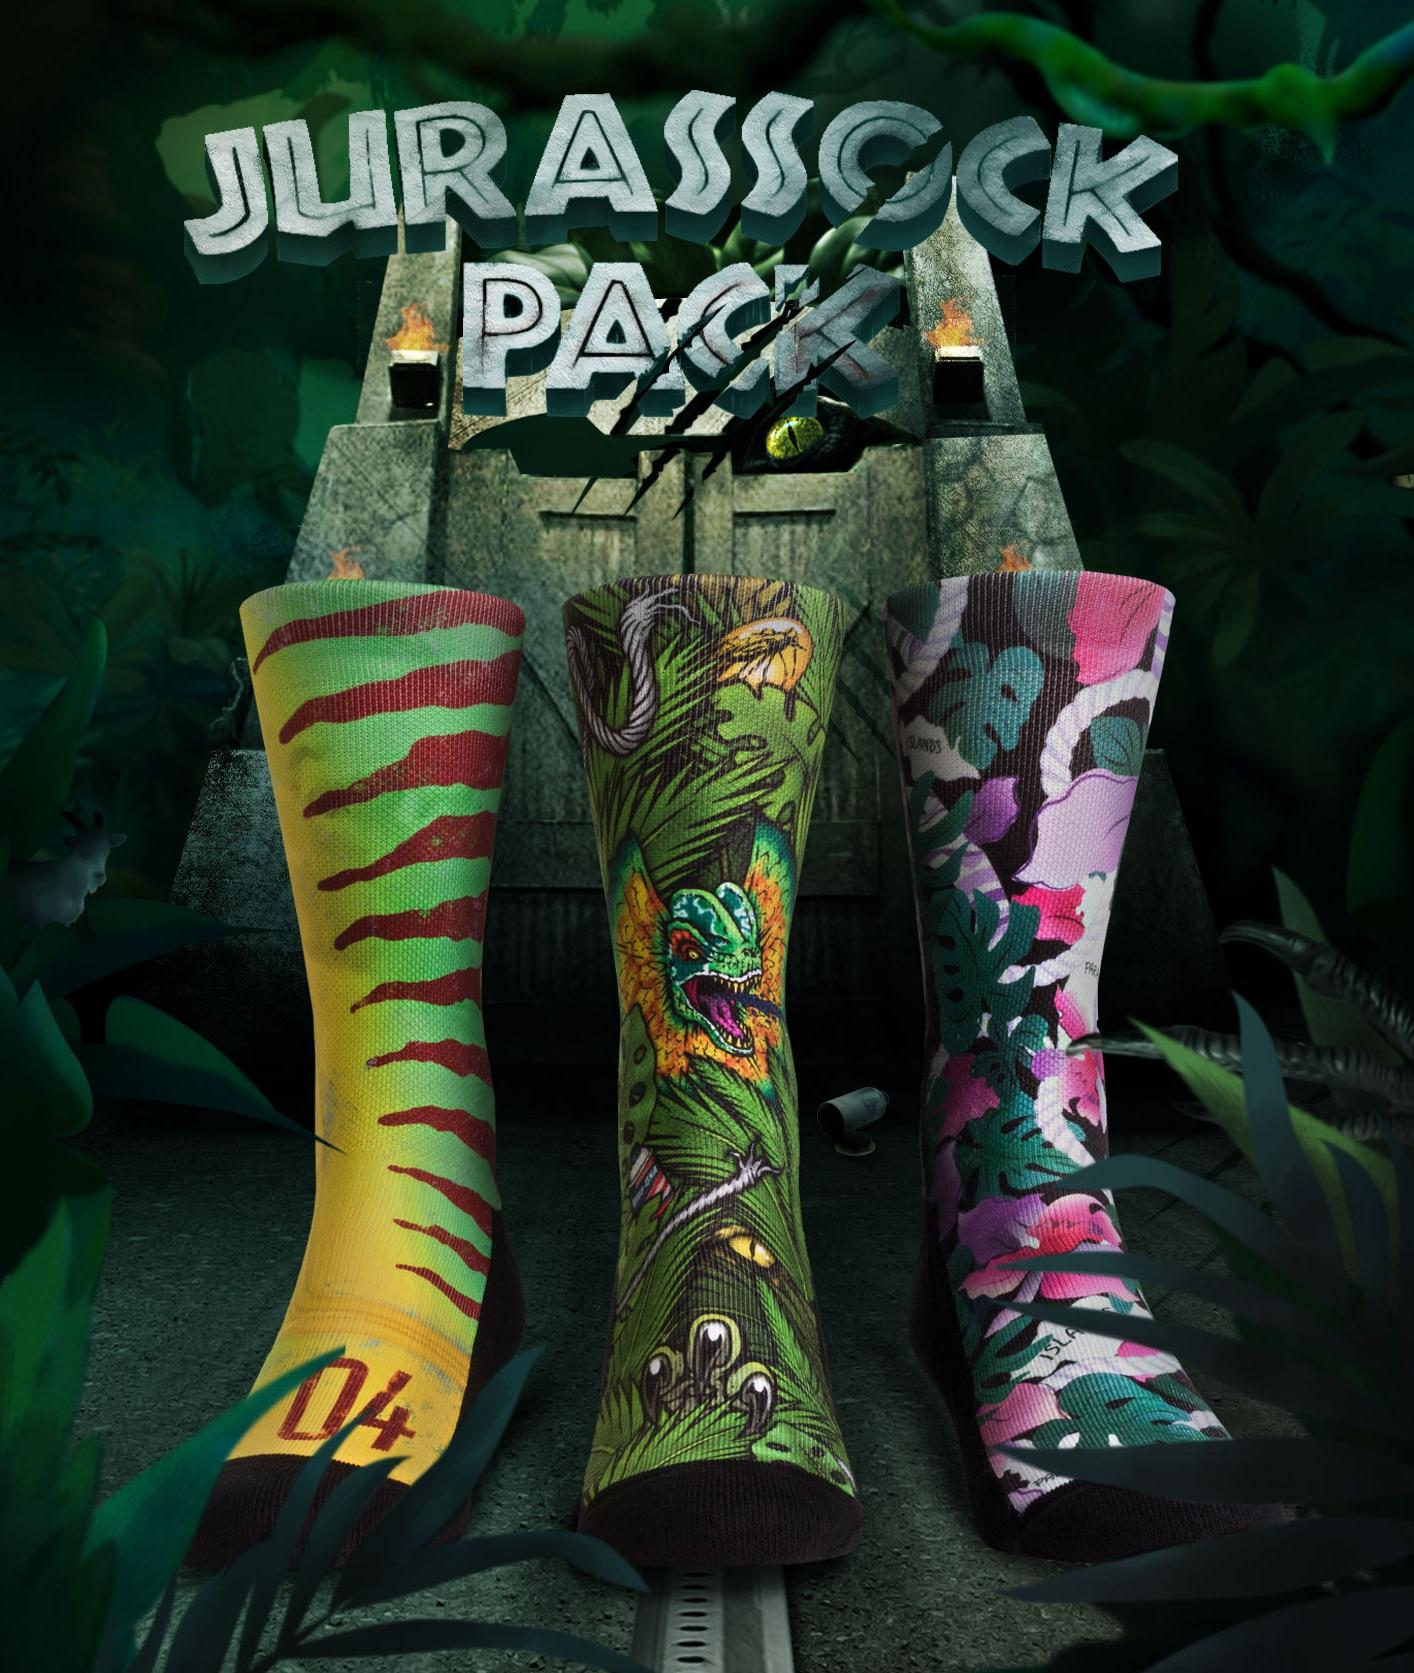 Jurassic-Park---Instagram (1).jpg